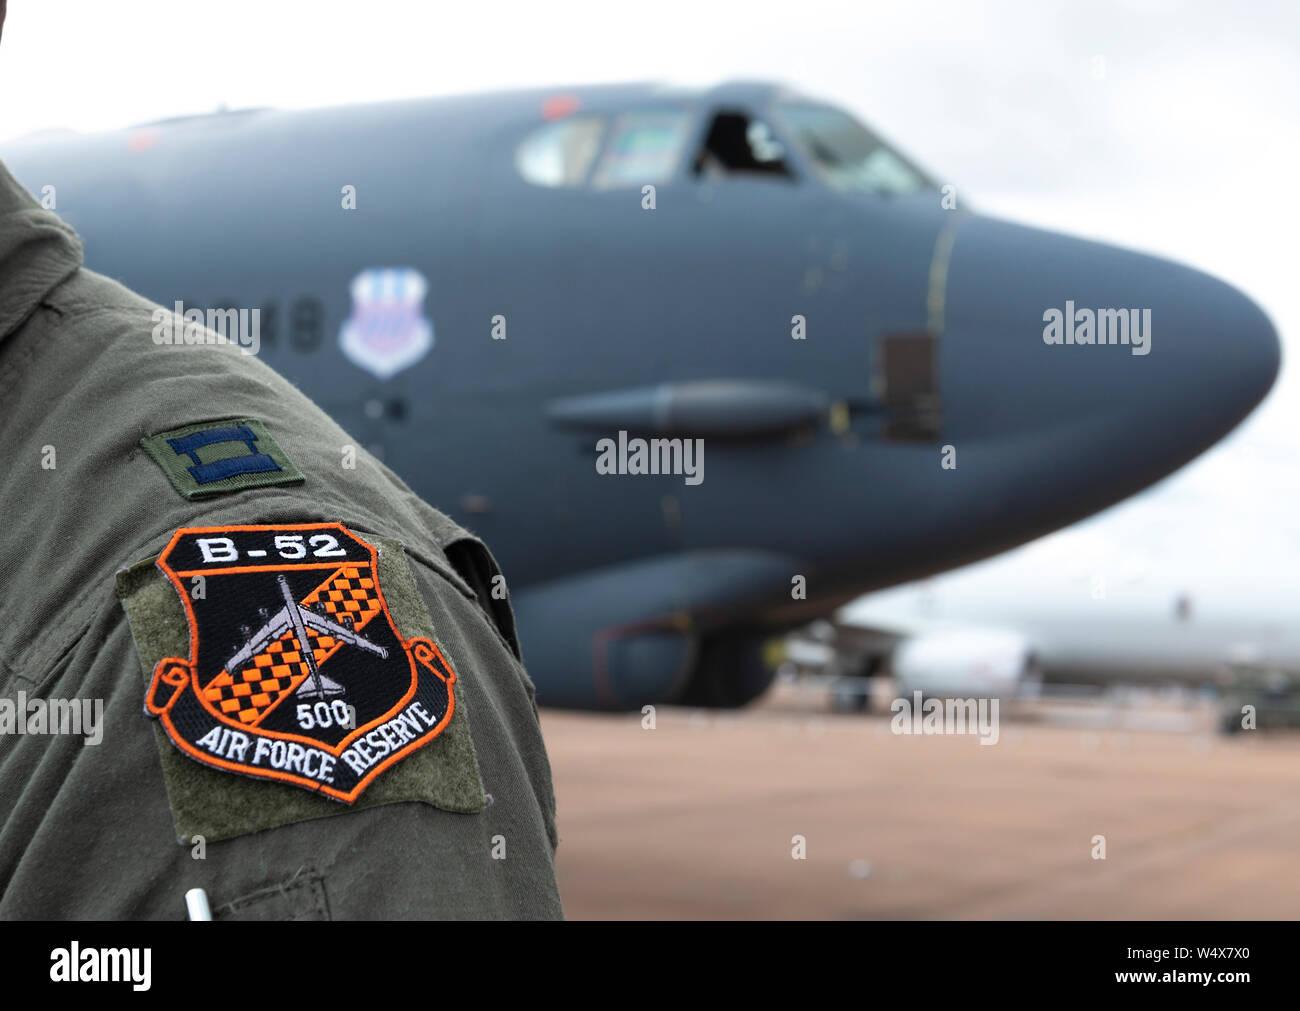 Boeing B-52 StratoFortress arrivent à RAIT 2019 , de sa base aérienne de Barksdale Louisiane, Etats-Unis, pour des expositions et pour prendre la résidence temporaire. Banque D'Images